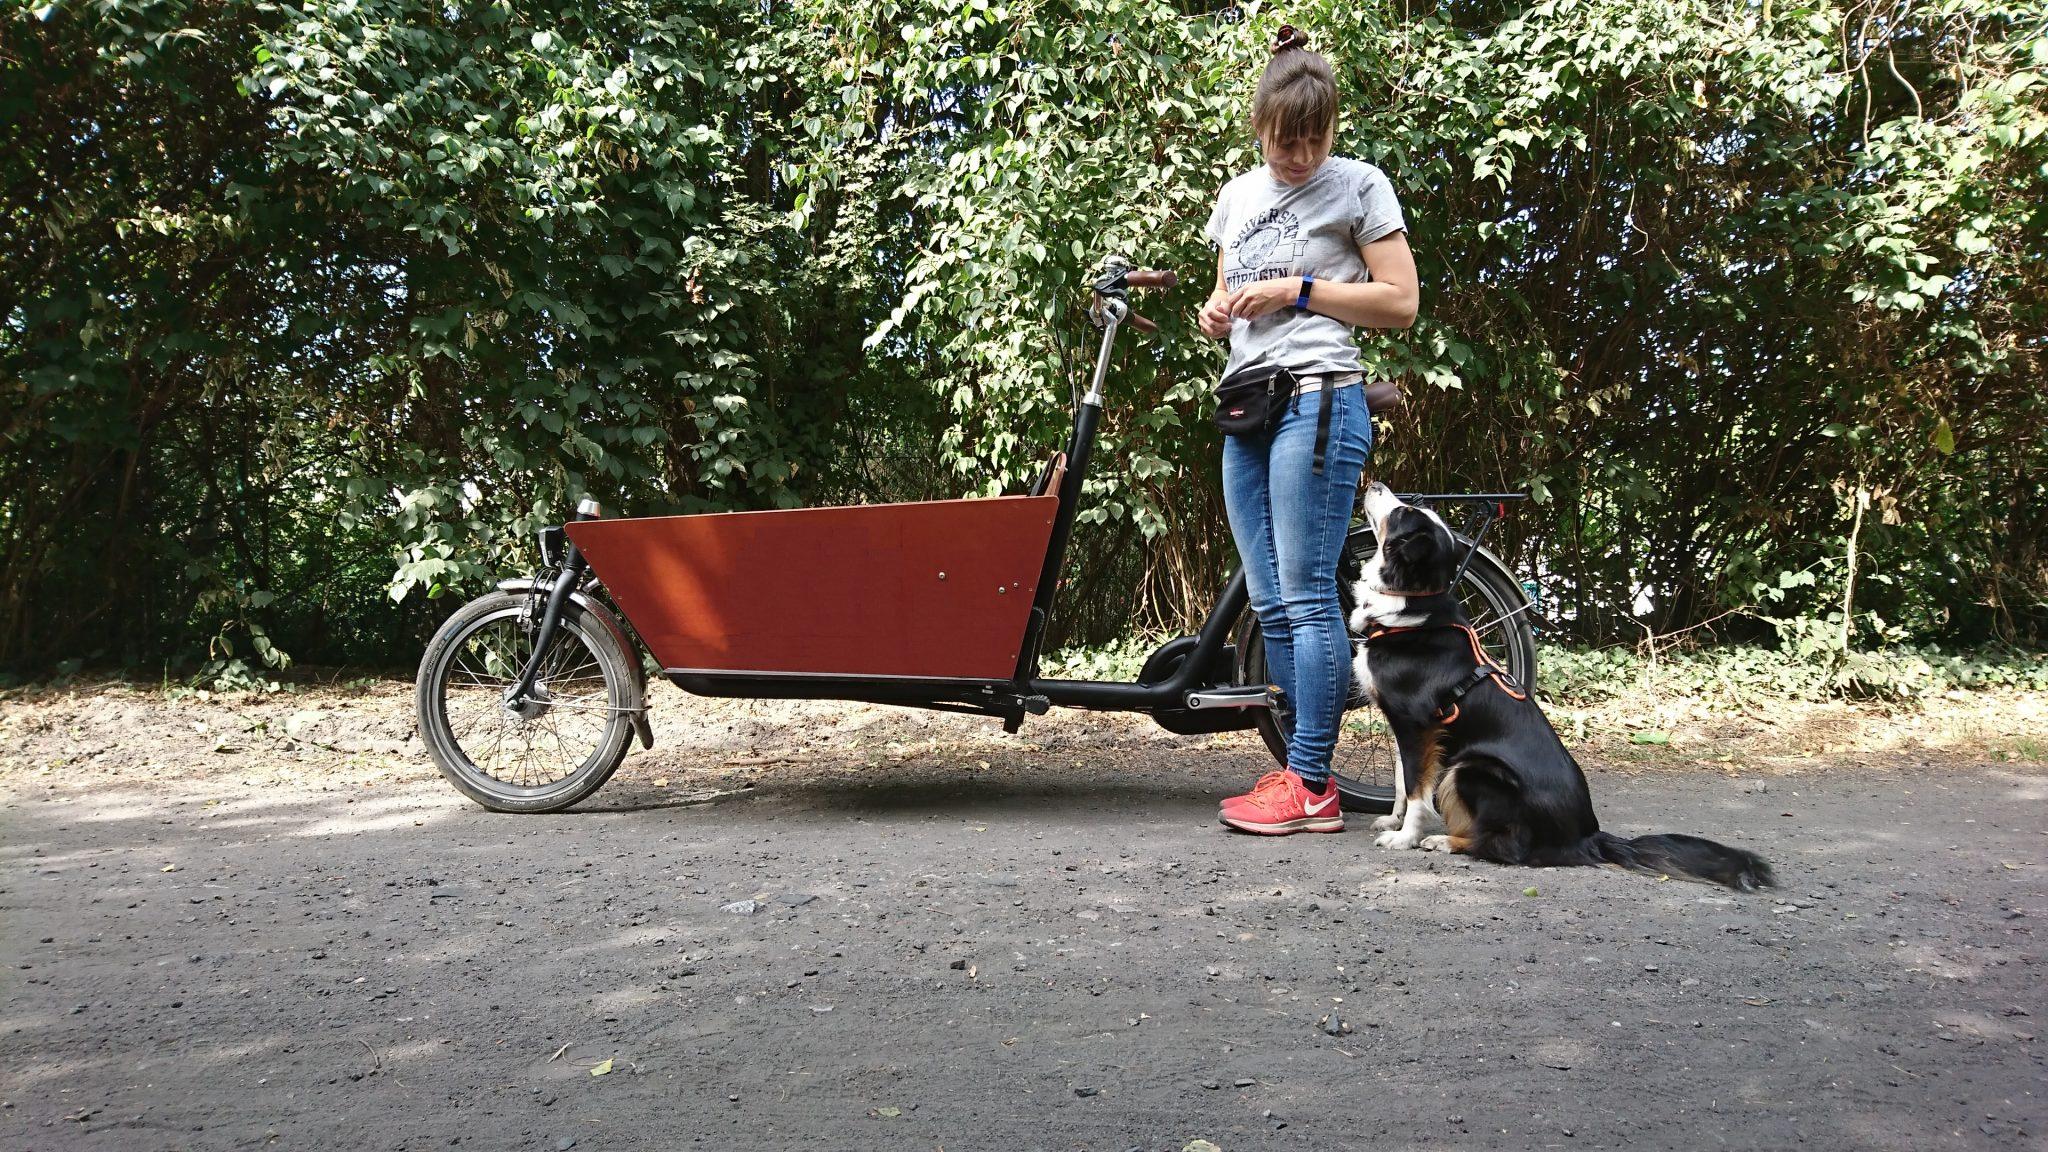 Bakfiets Lastenrad Hundetraining